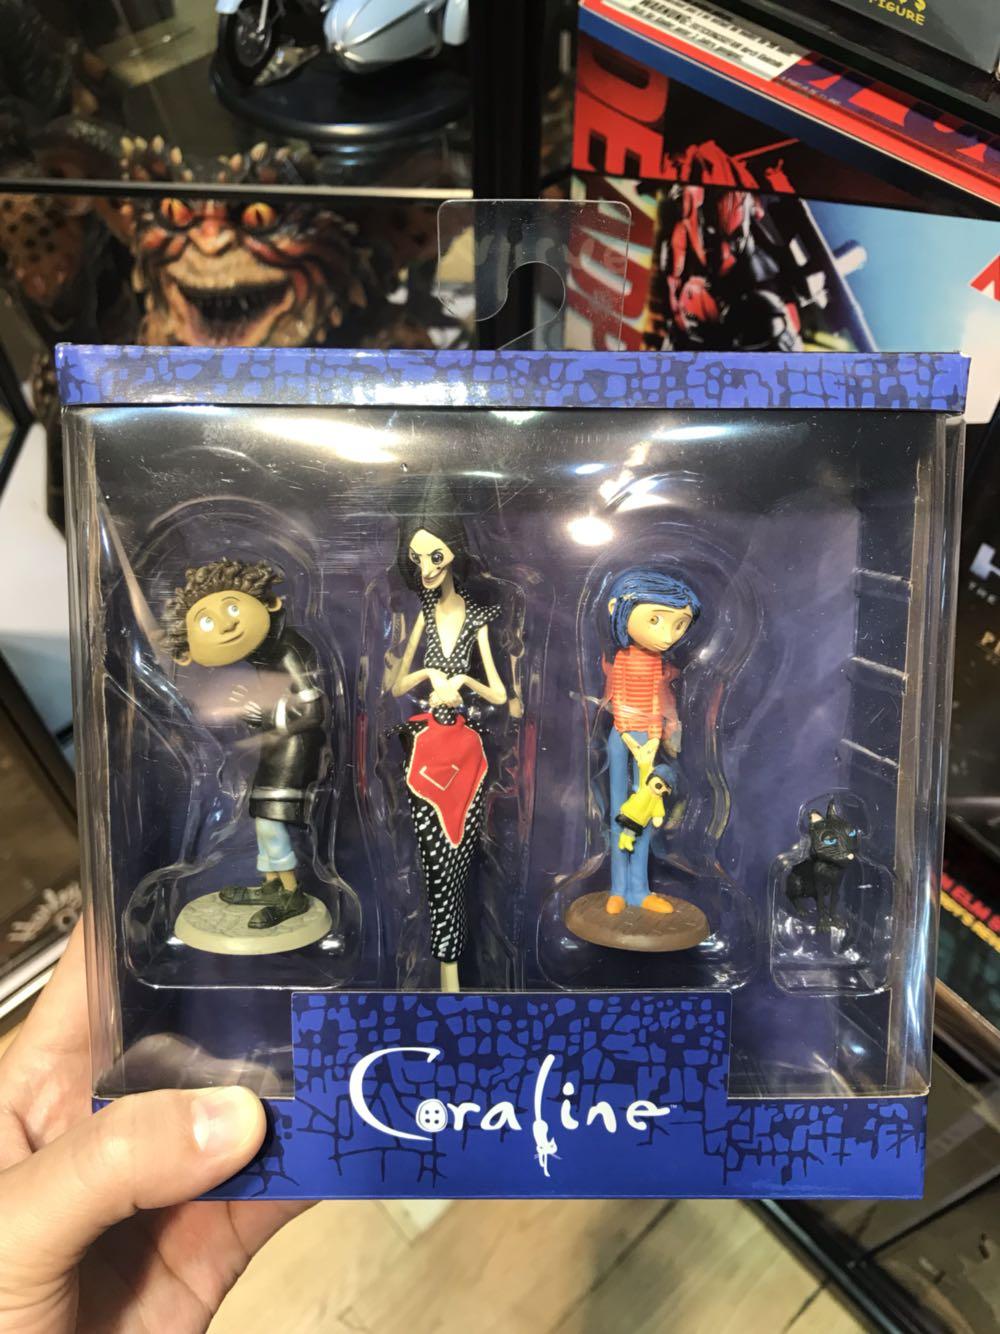 NECA kinderspeelgoed Coraline & het Geheim Deur poppen S figuur 3inch Standbeeld Caroline Meisje Verjaardagscadeau-in Actie- & Speelgoedfiguren van Speelgoed & Hobbies op  Groep 1